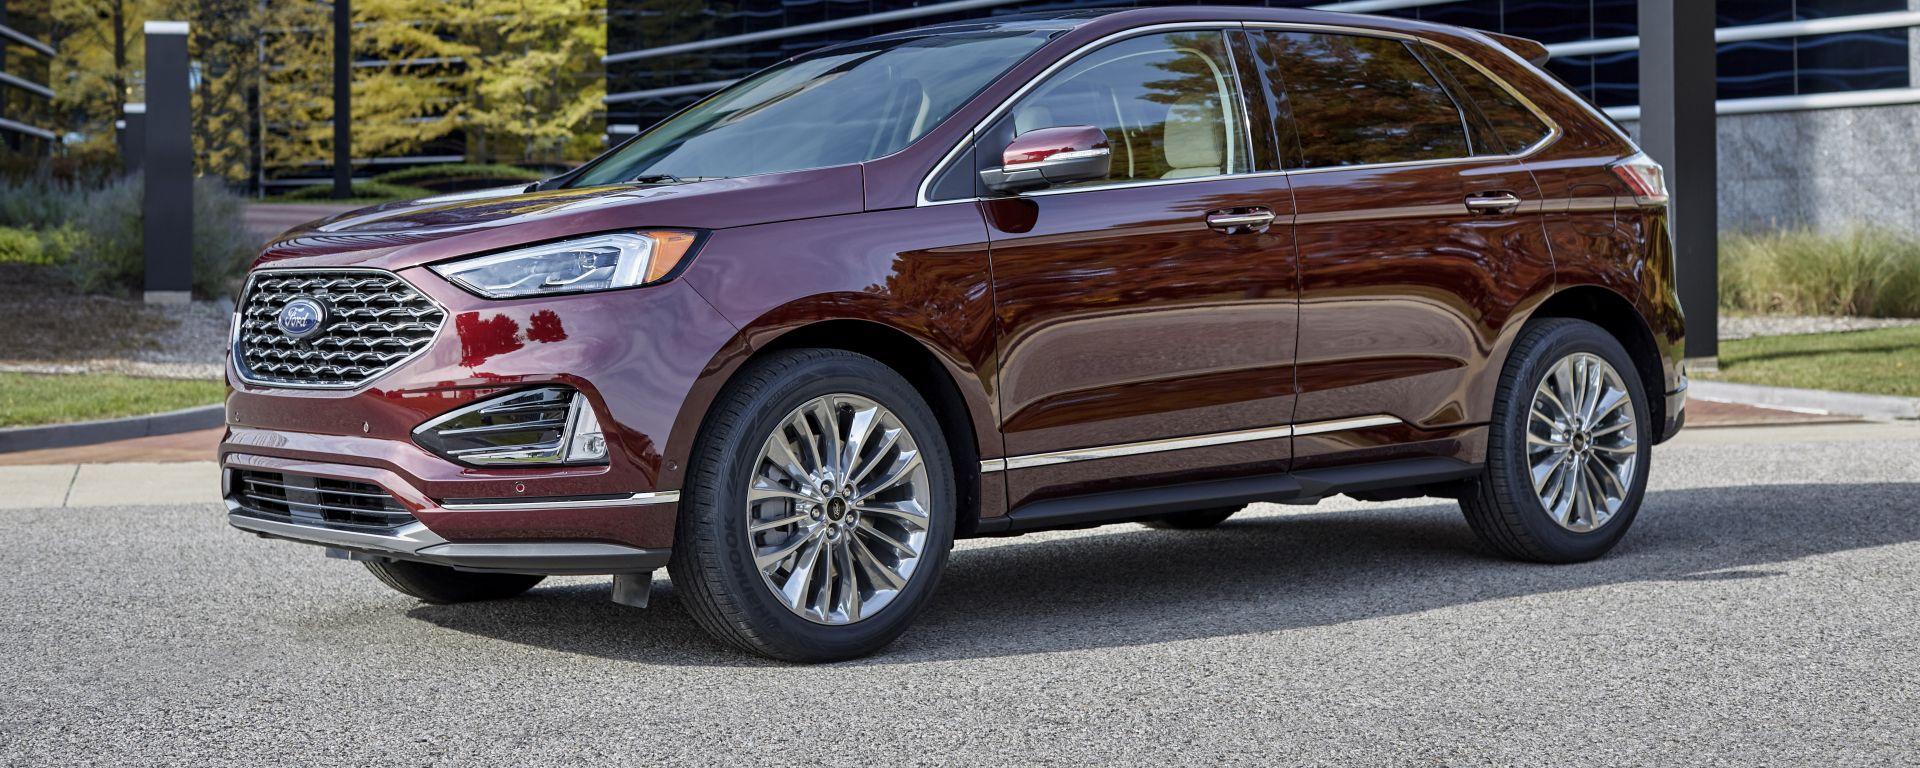 Ford Edge 2021 Titanium Elite